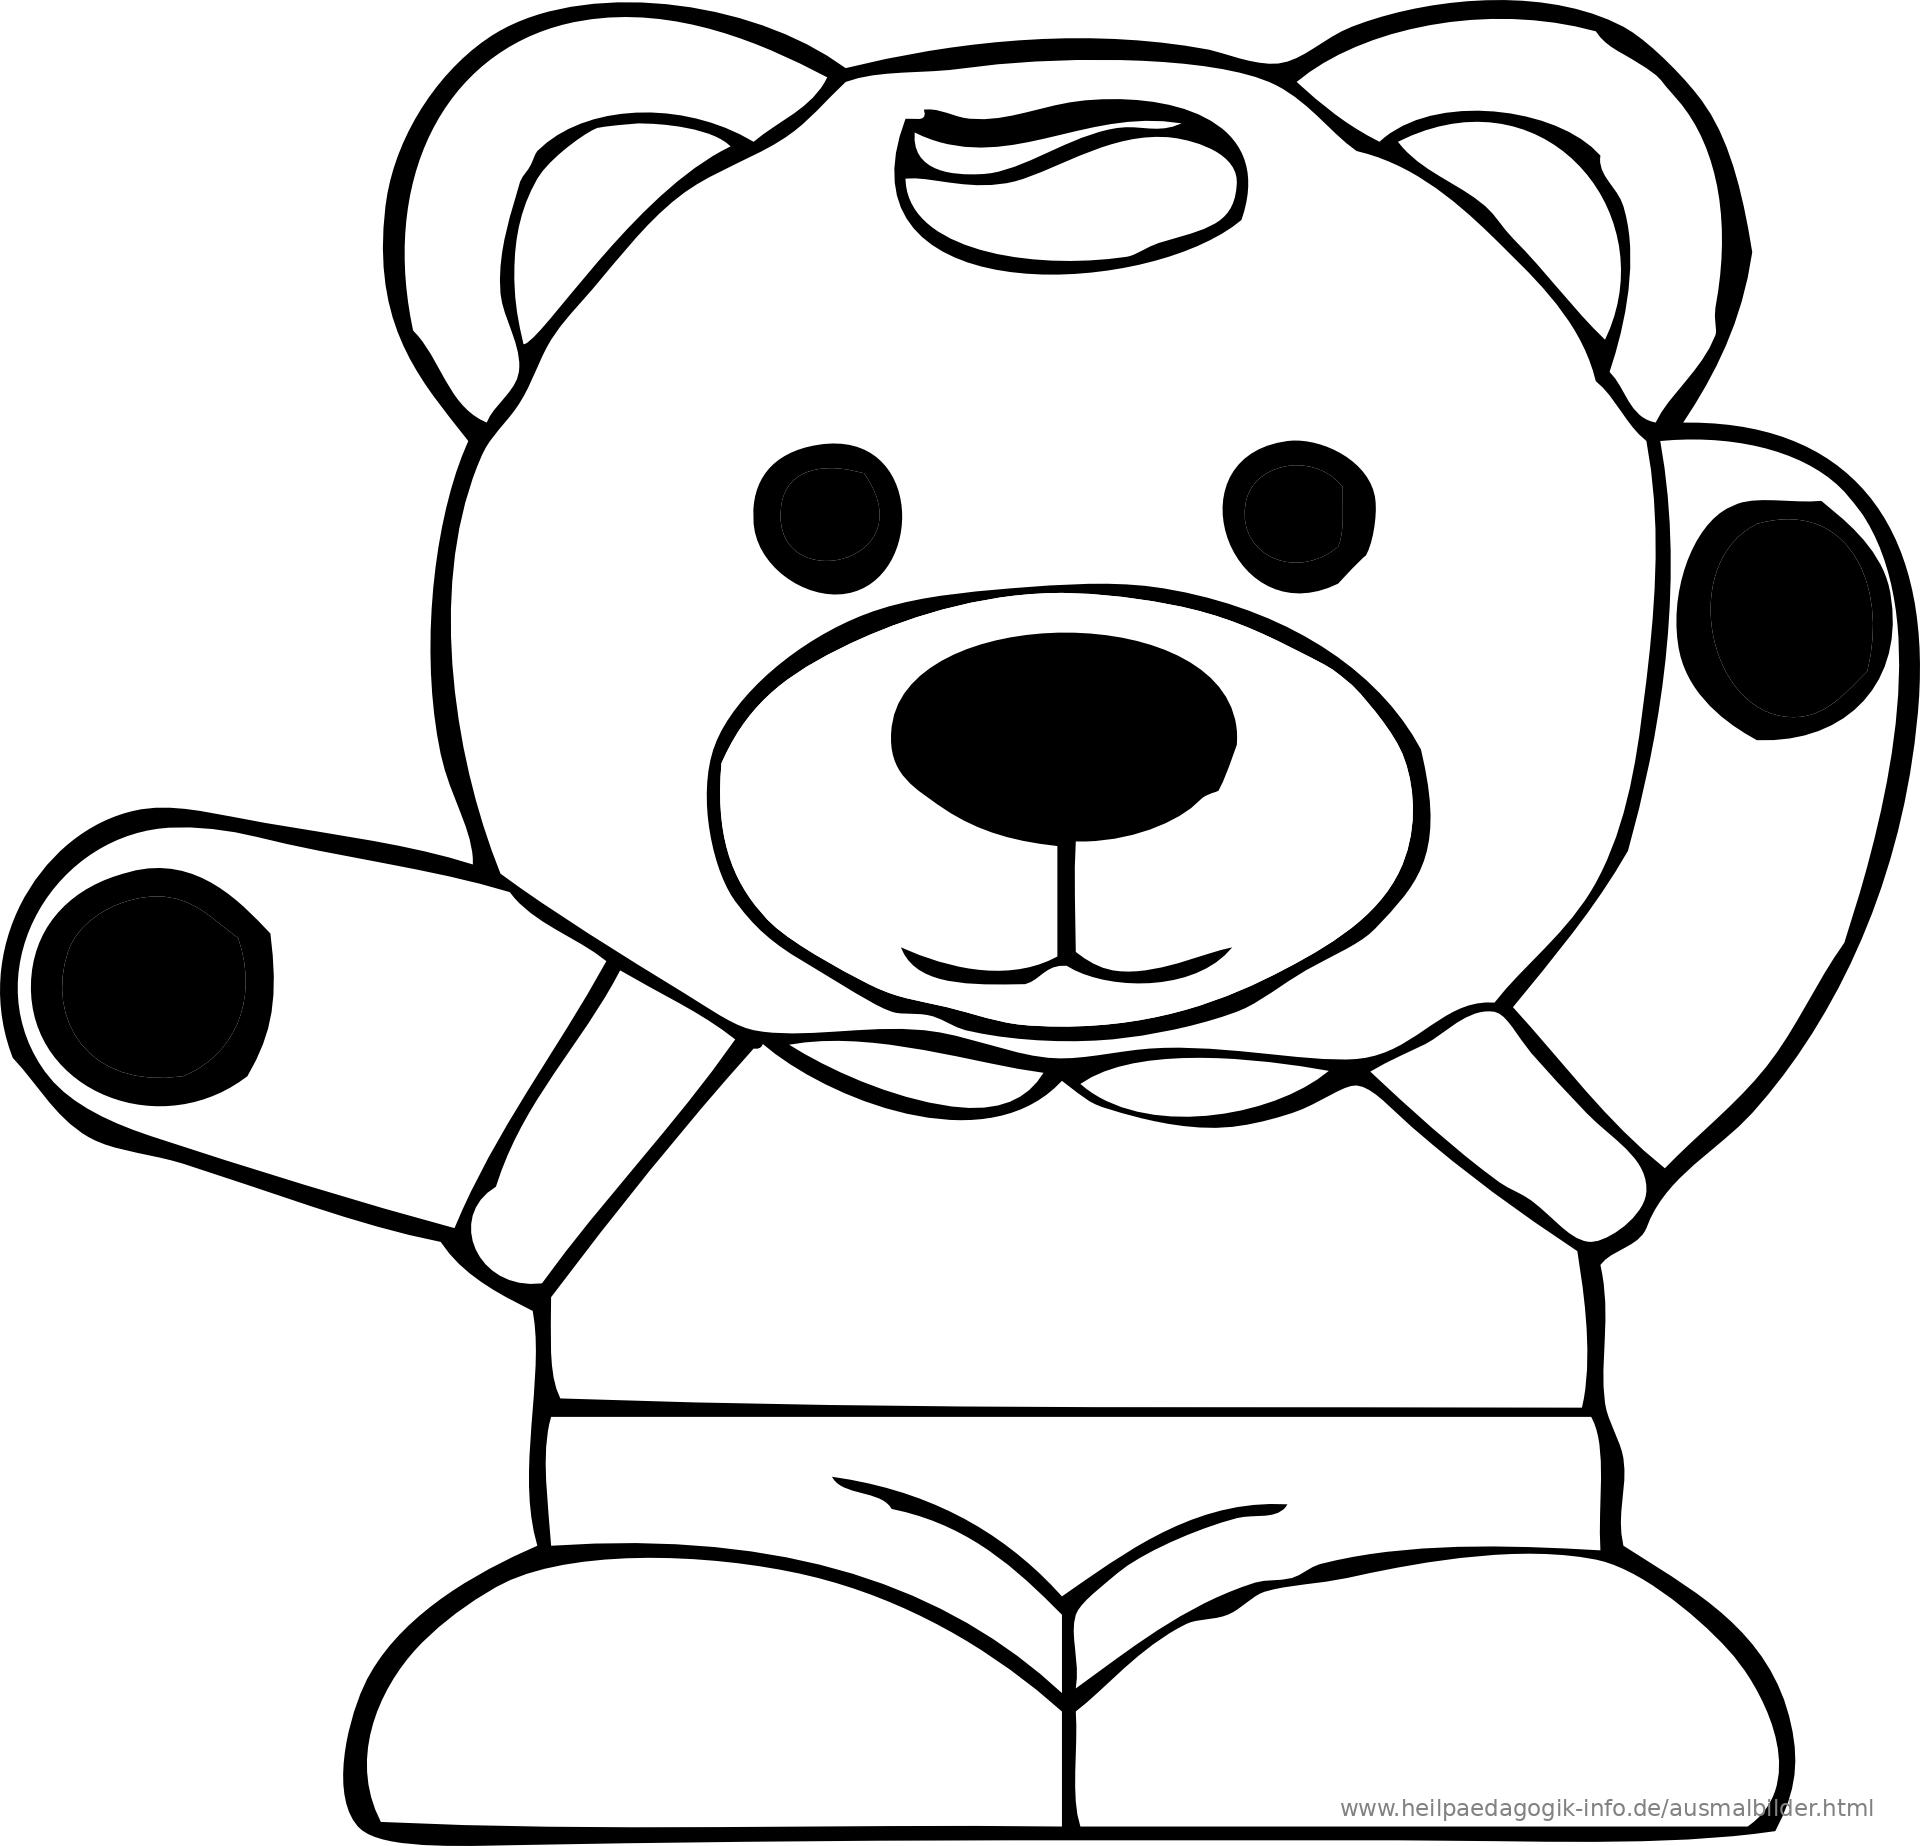 Fein Süße Teddybär Malvorlagen Galerie - Beispielzusammenfassung ...